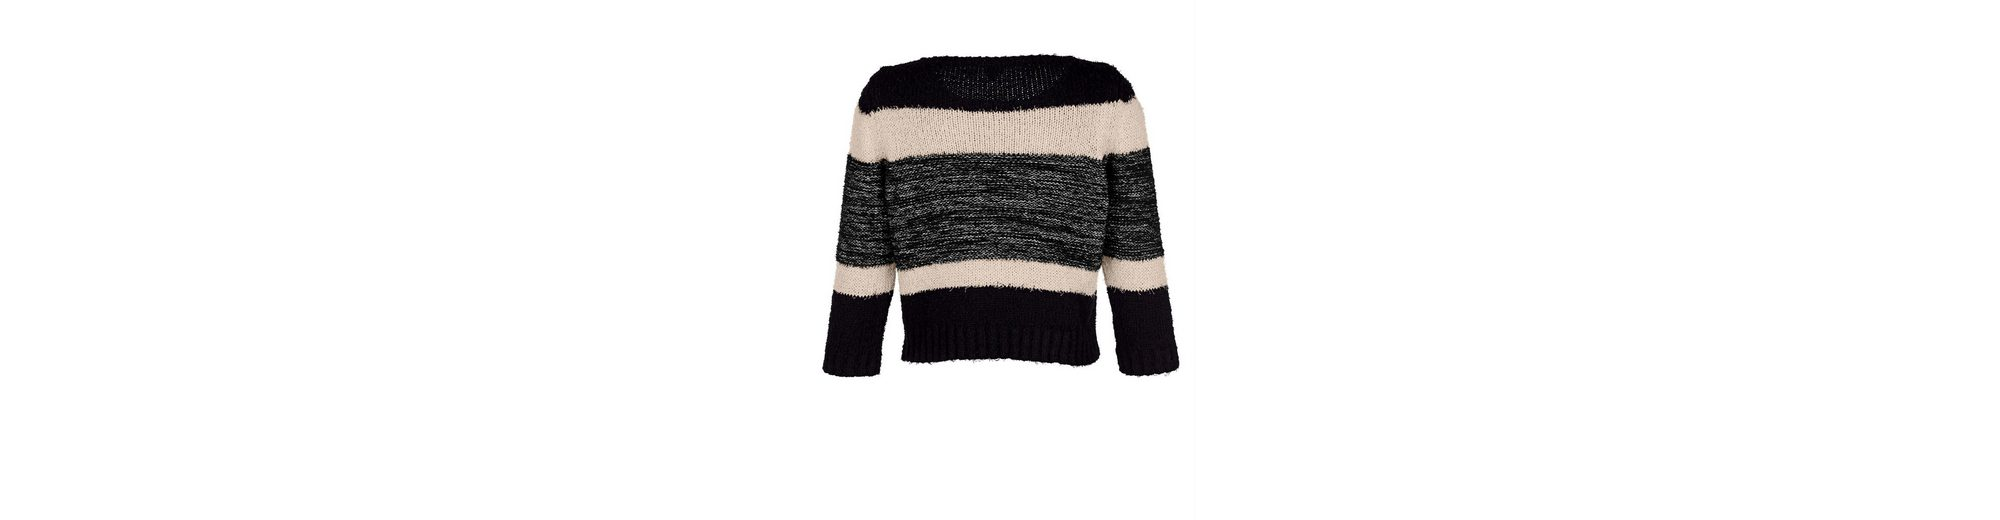 Alba Moda Pullover mit schönen Effektgarnen Auslass Sehr Billig Günstig Kauft Heißen Verkauf lCp2W